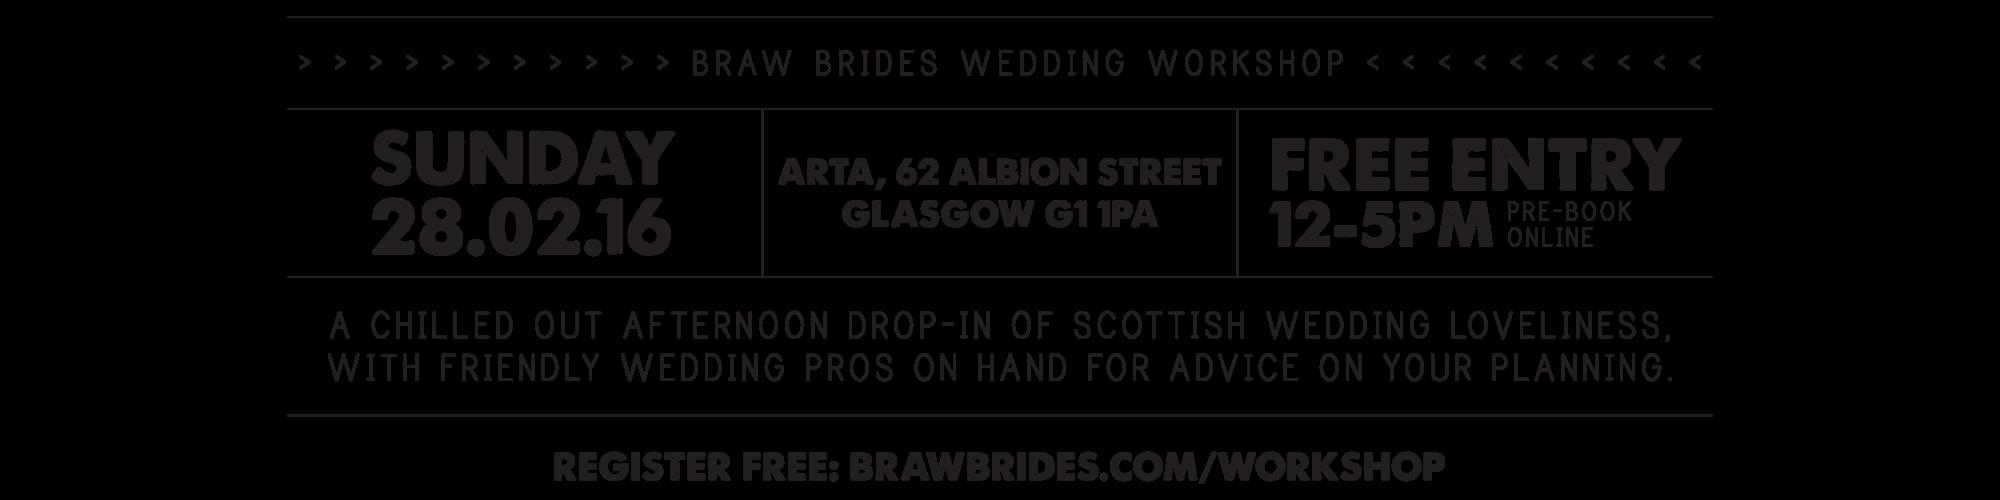 typography-arta-glasgow-graphic-design-wedding-workshop-braw-brides